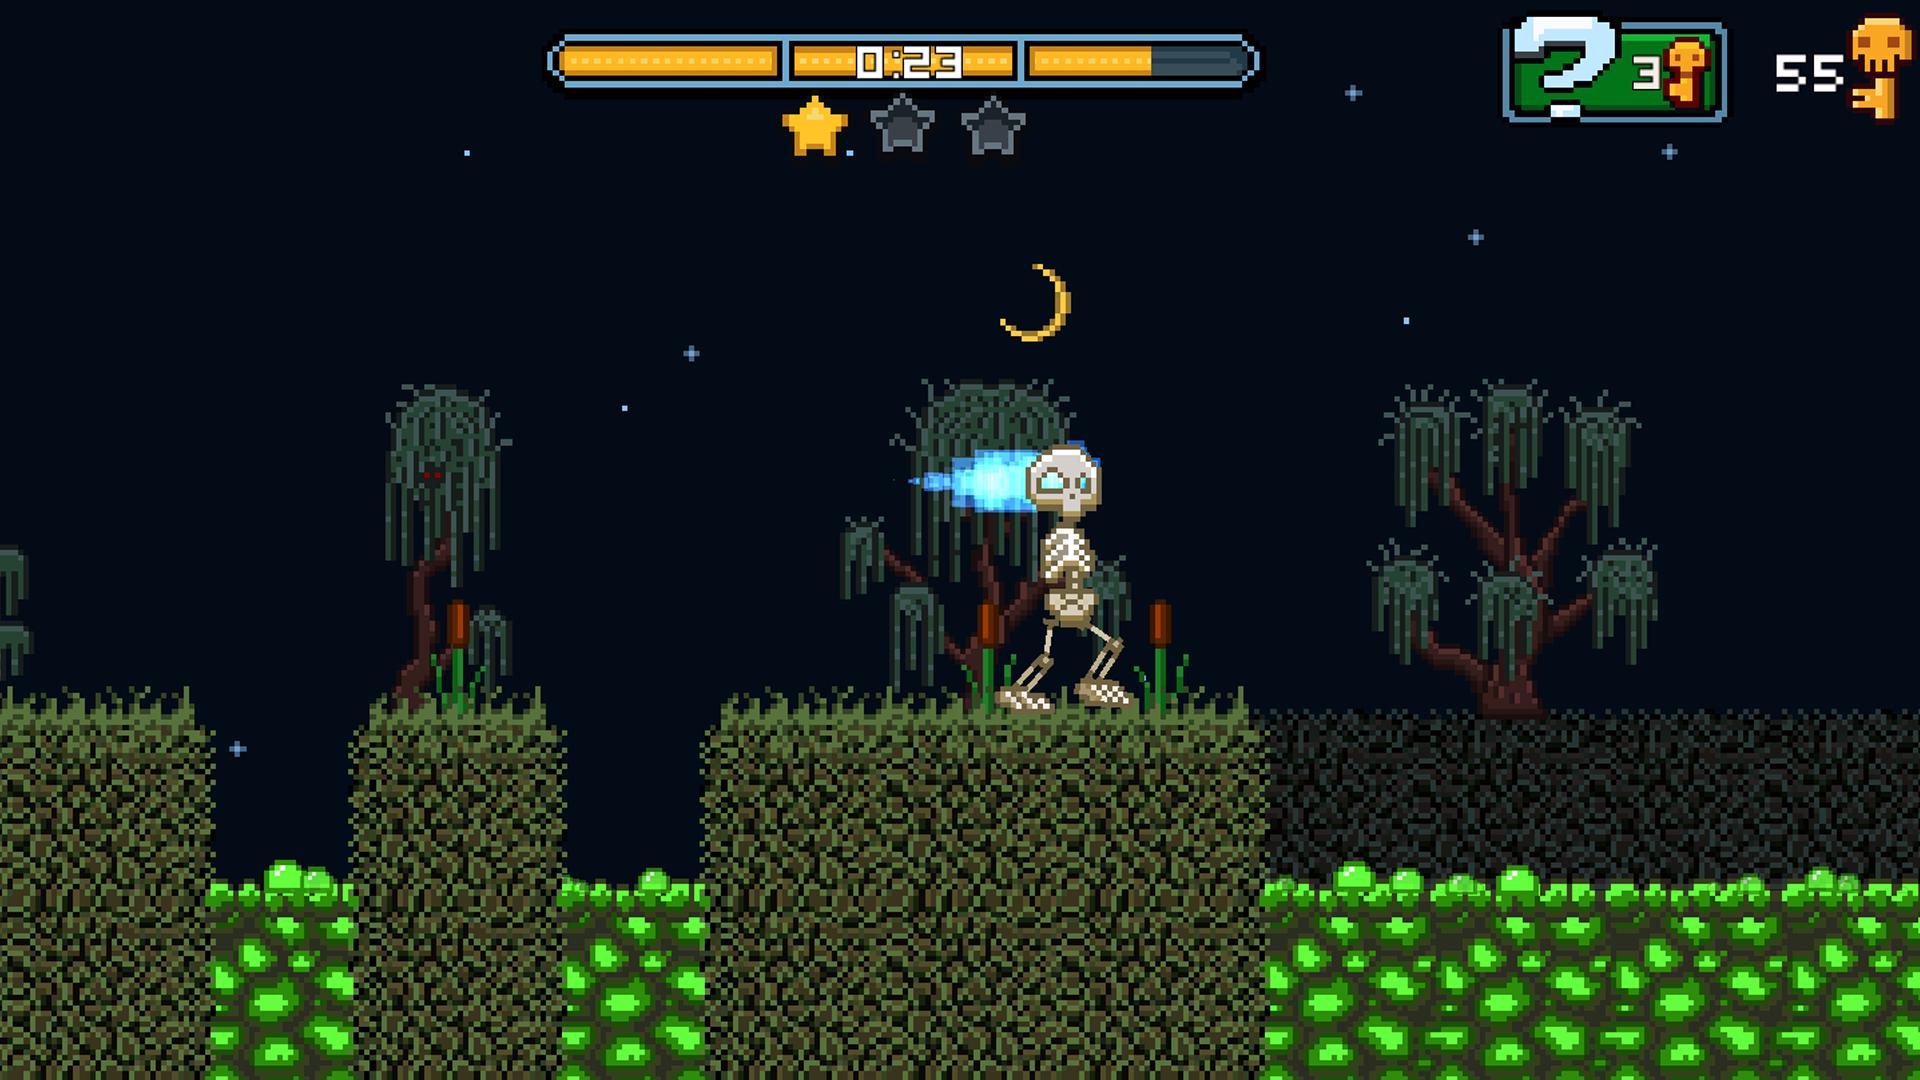 Собирая кости: в Steam вышел интересный харкдор-плафтормер Just Bones . - Изображение 4